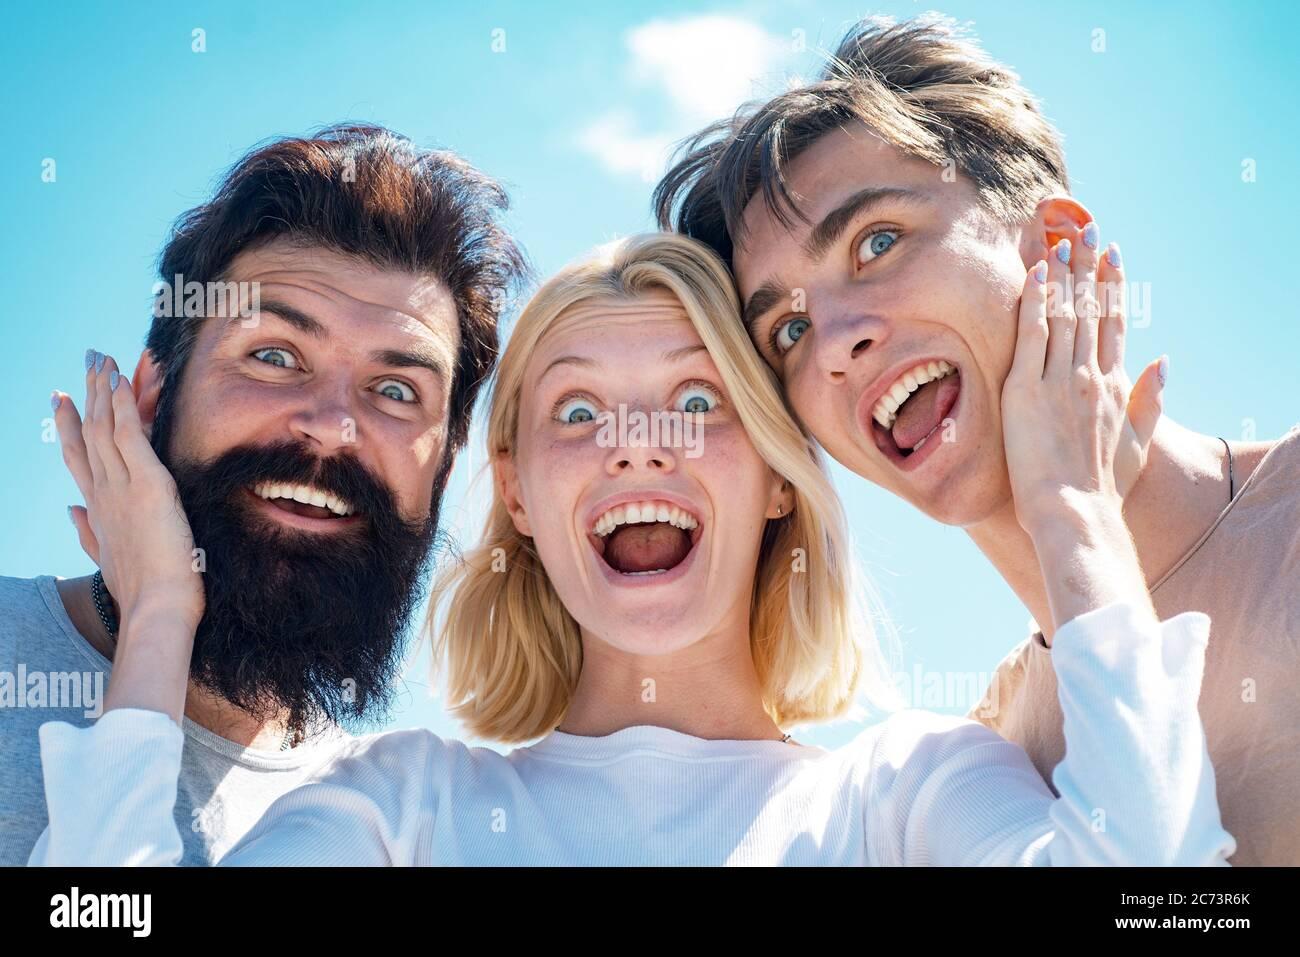 Jeunes de groupe enthousiastes - face à face. Compagnie de jeunes gens drôle à ciel ouvert. Deux garçons et une fille blonde regardant la caméra et ont Banque D'Images